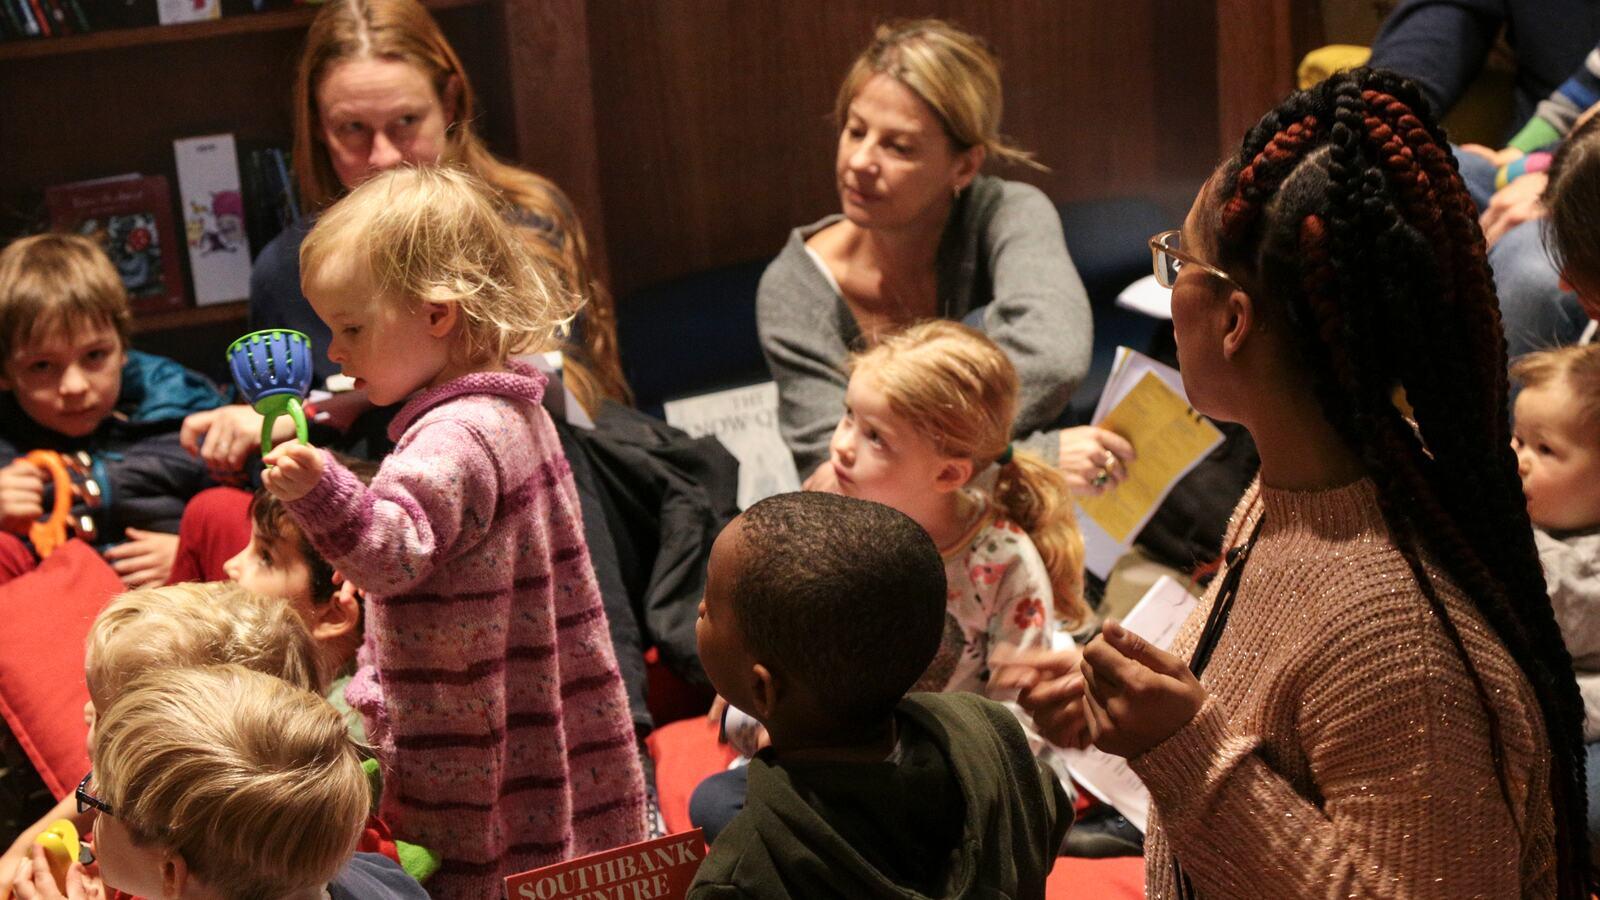 Children listening to stories